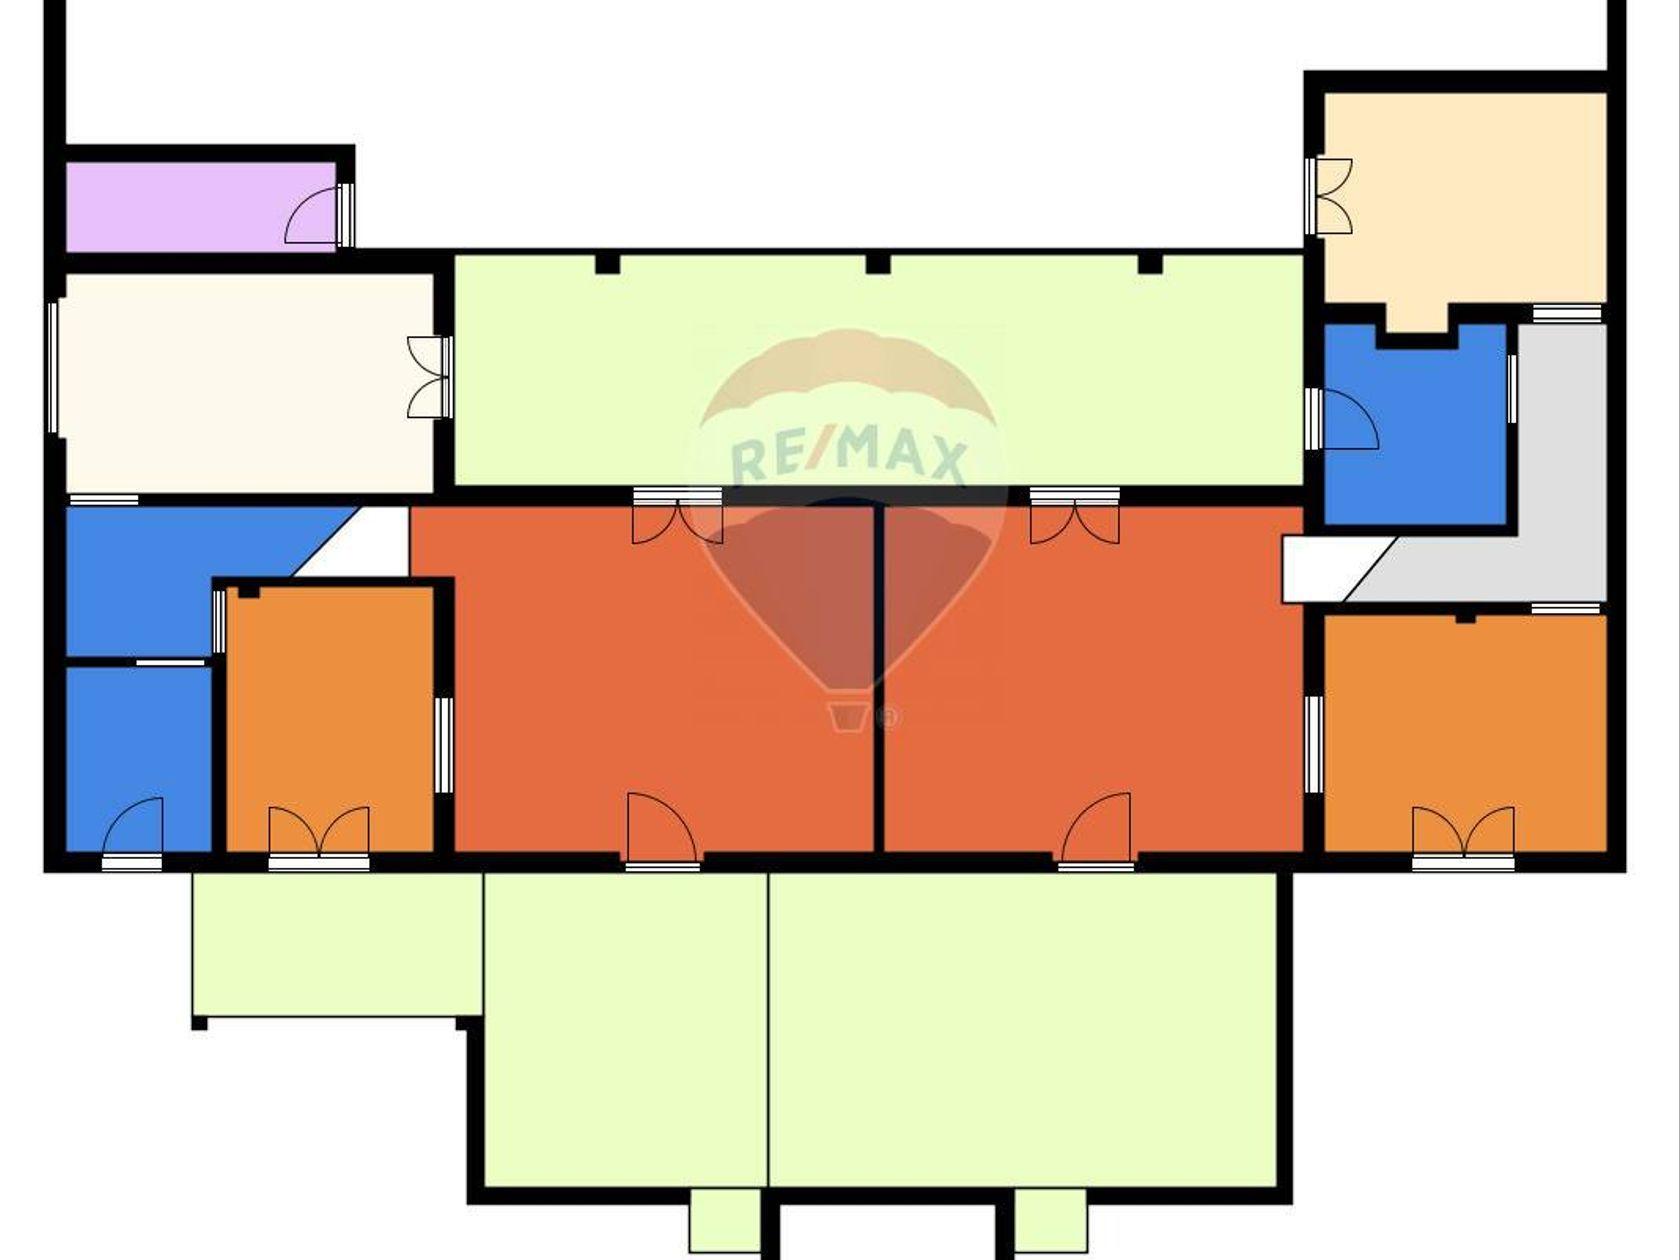 Cascina/Casale Tuerra I, San Vito, CA Vendita - Planimetria 1